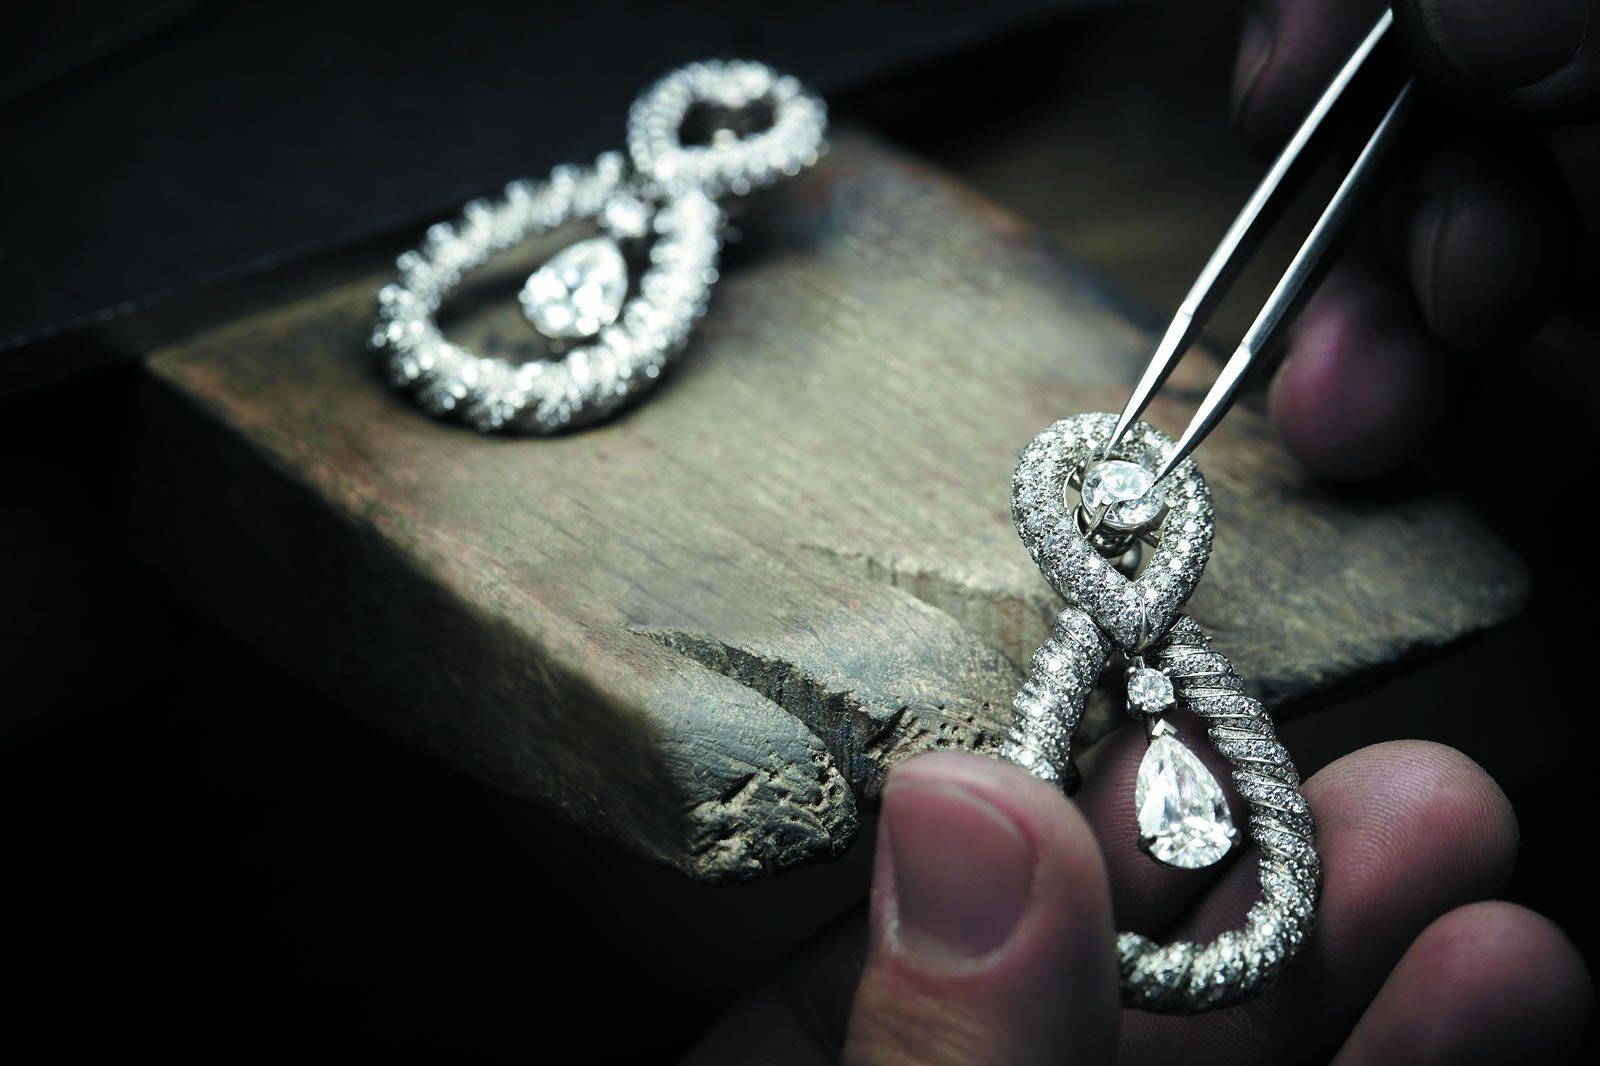 chanel-jewelry-atelier-fine-jewelry-audacious-collection-parischanel-jewelry-atelier-fine-jewelry-audacious-collection-paris